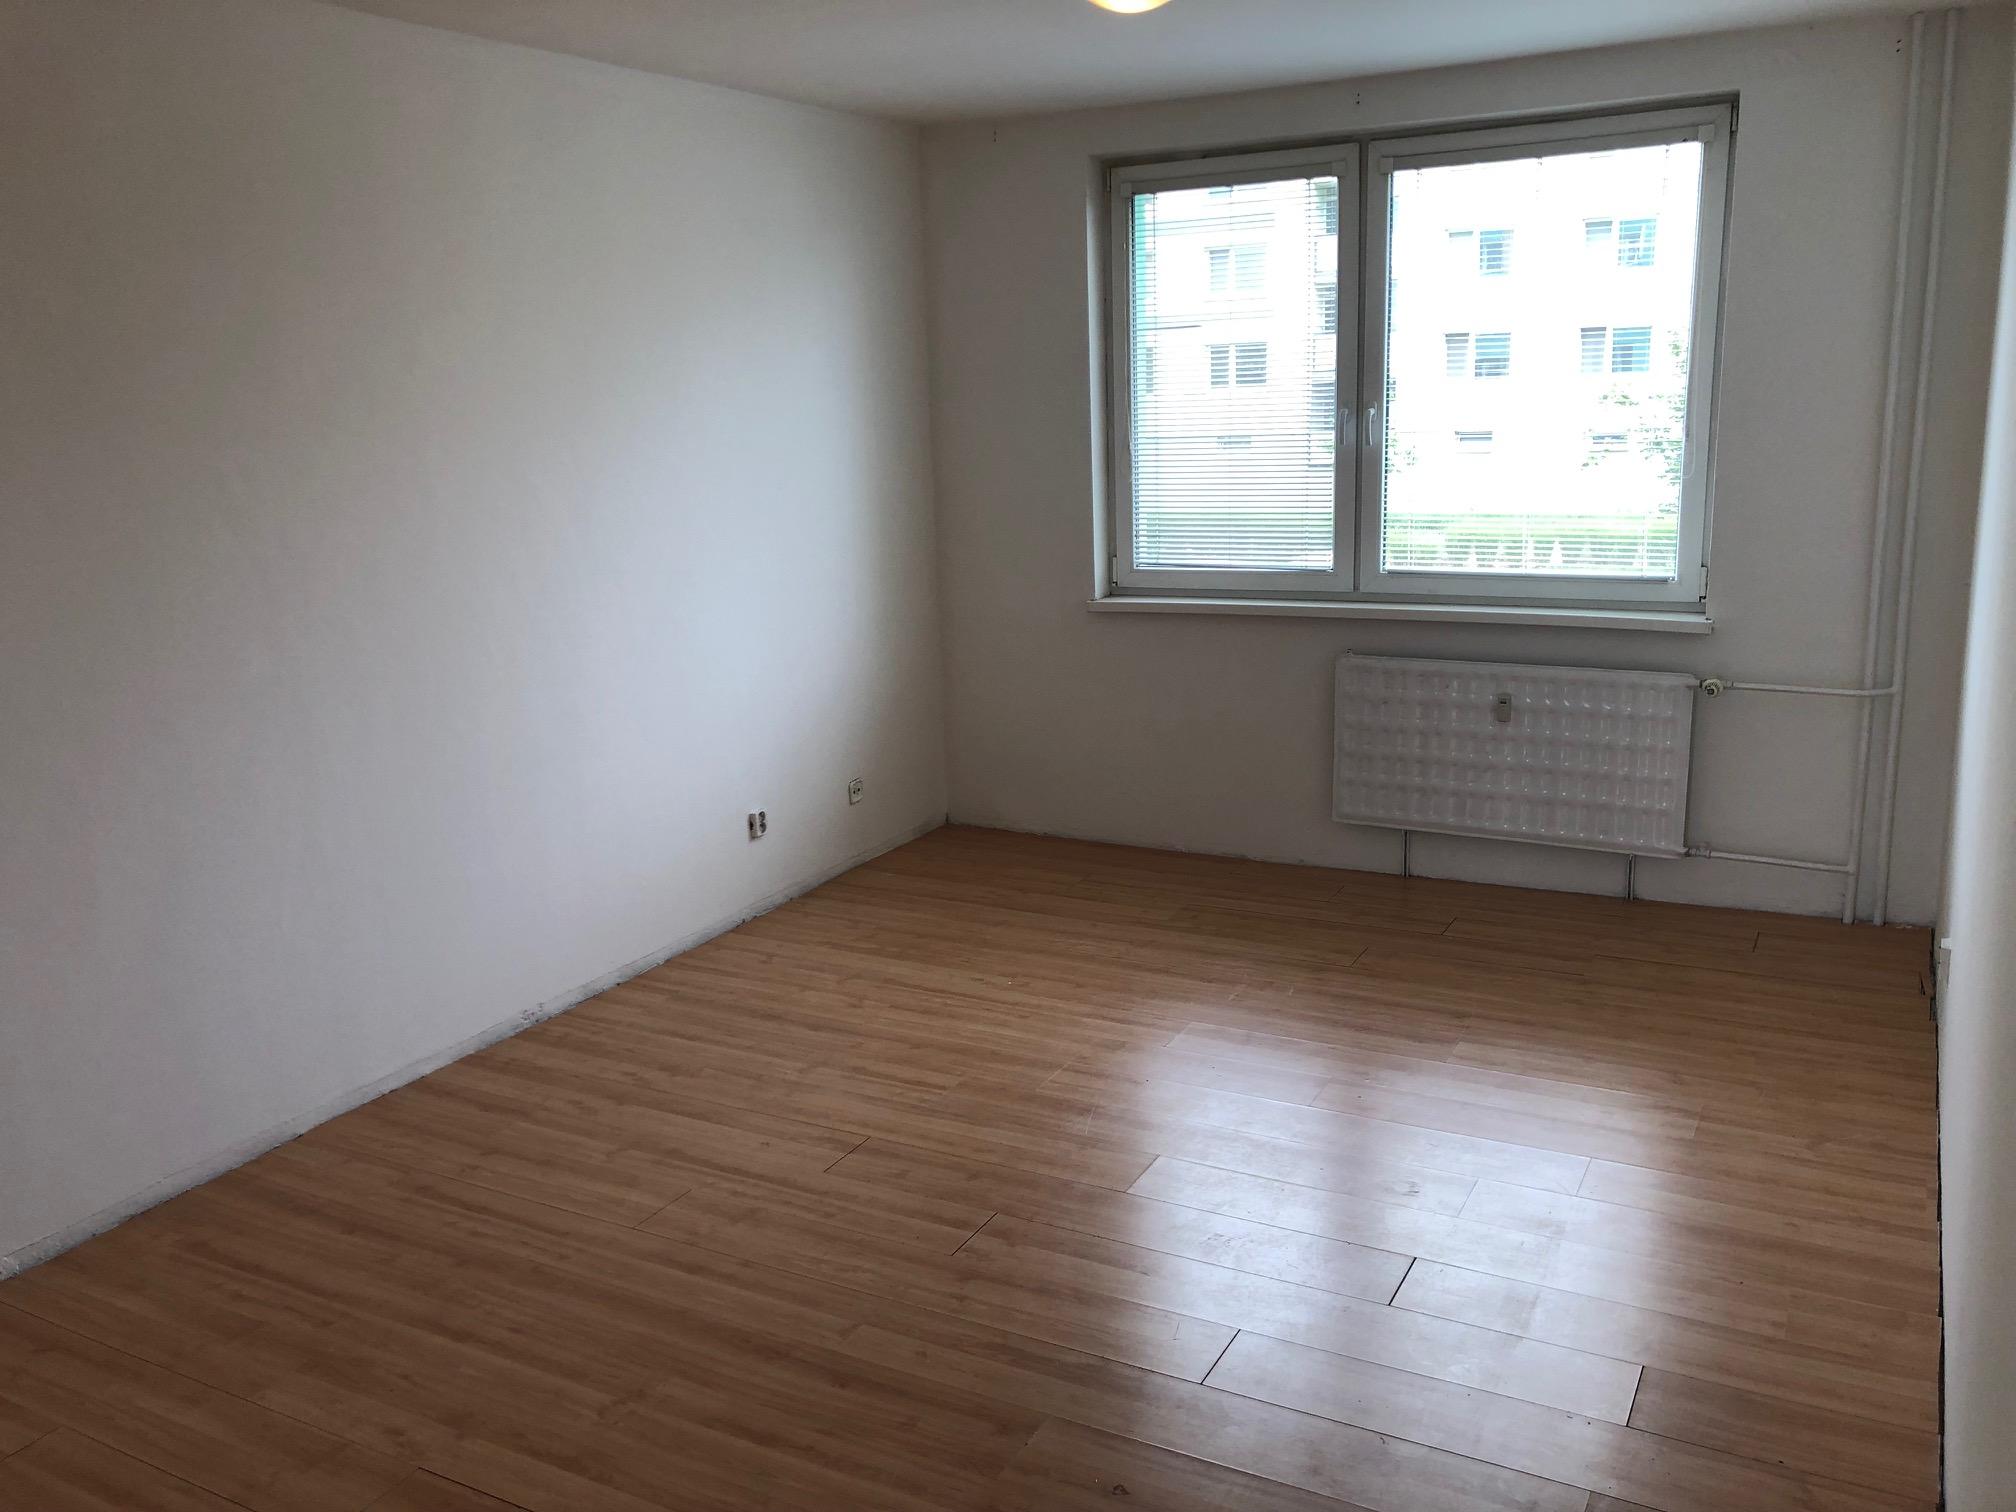 Predané: 2 izbový byt, 52m2, pivnica, pôvodný stav, Skuteckého, Malacky Juh-24